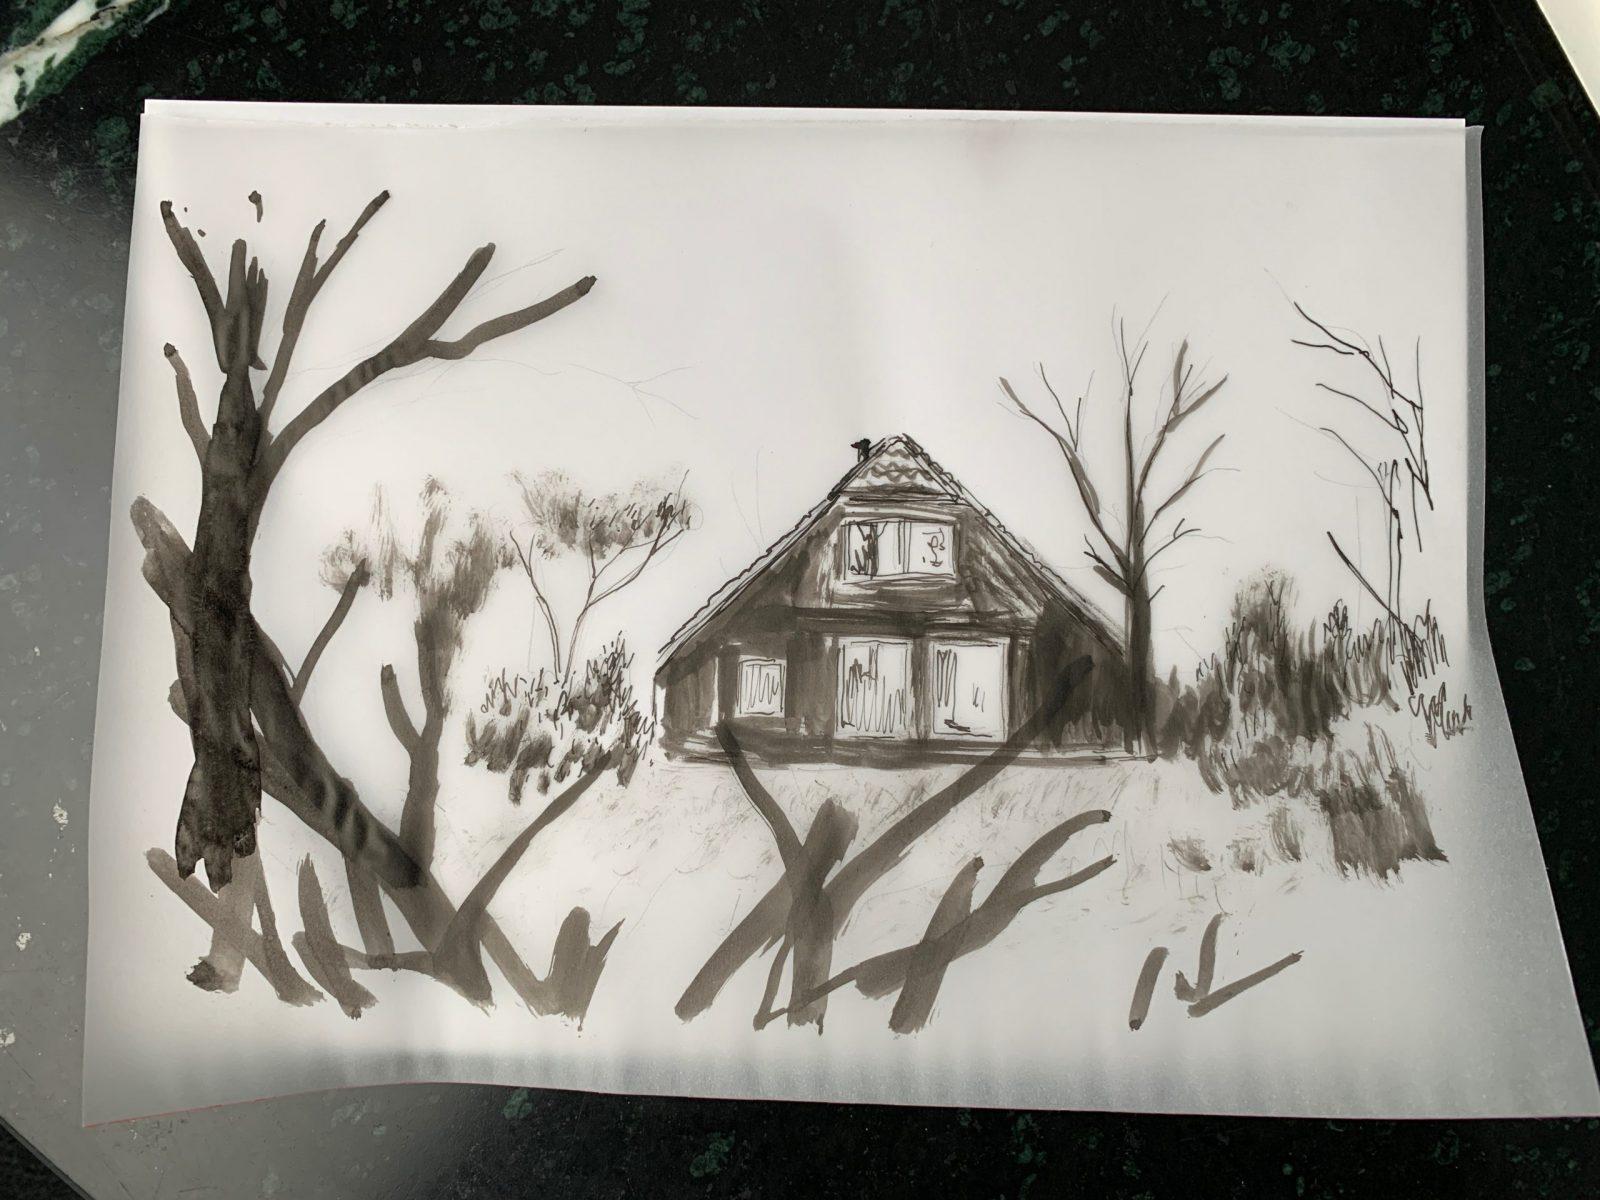 Sketch of hiding place in Ackterveld, Gilad Seliktar